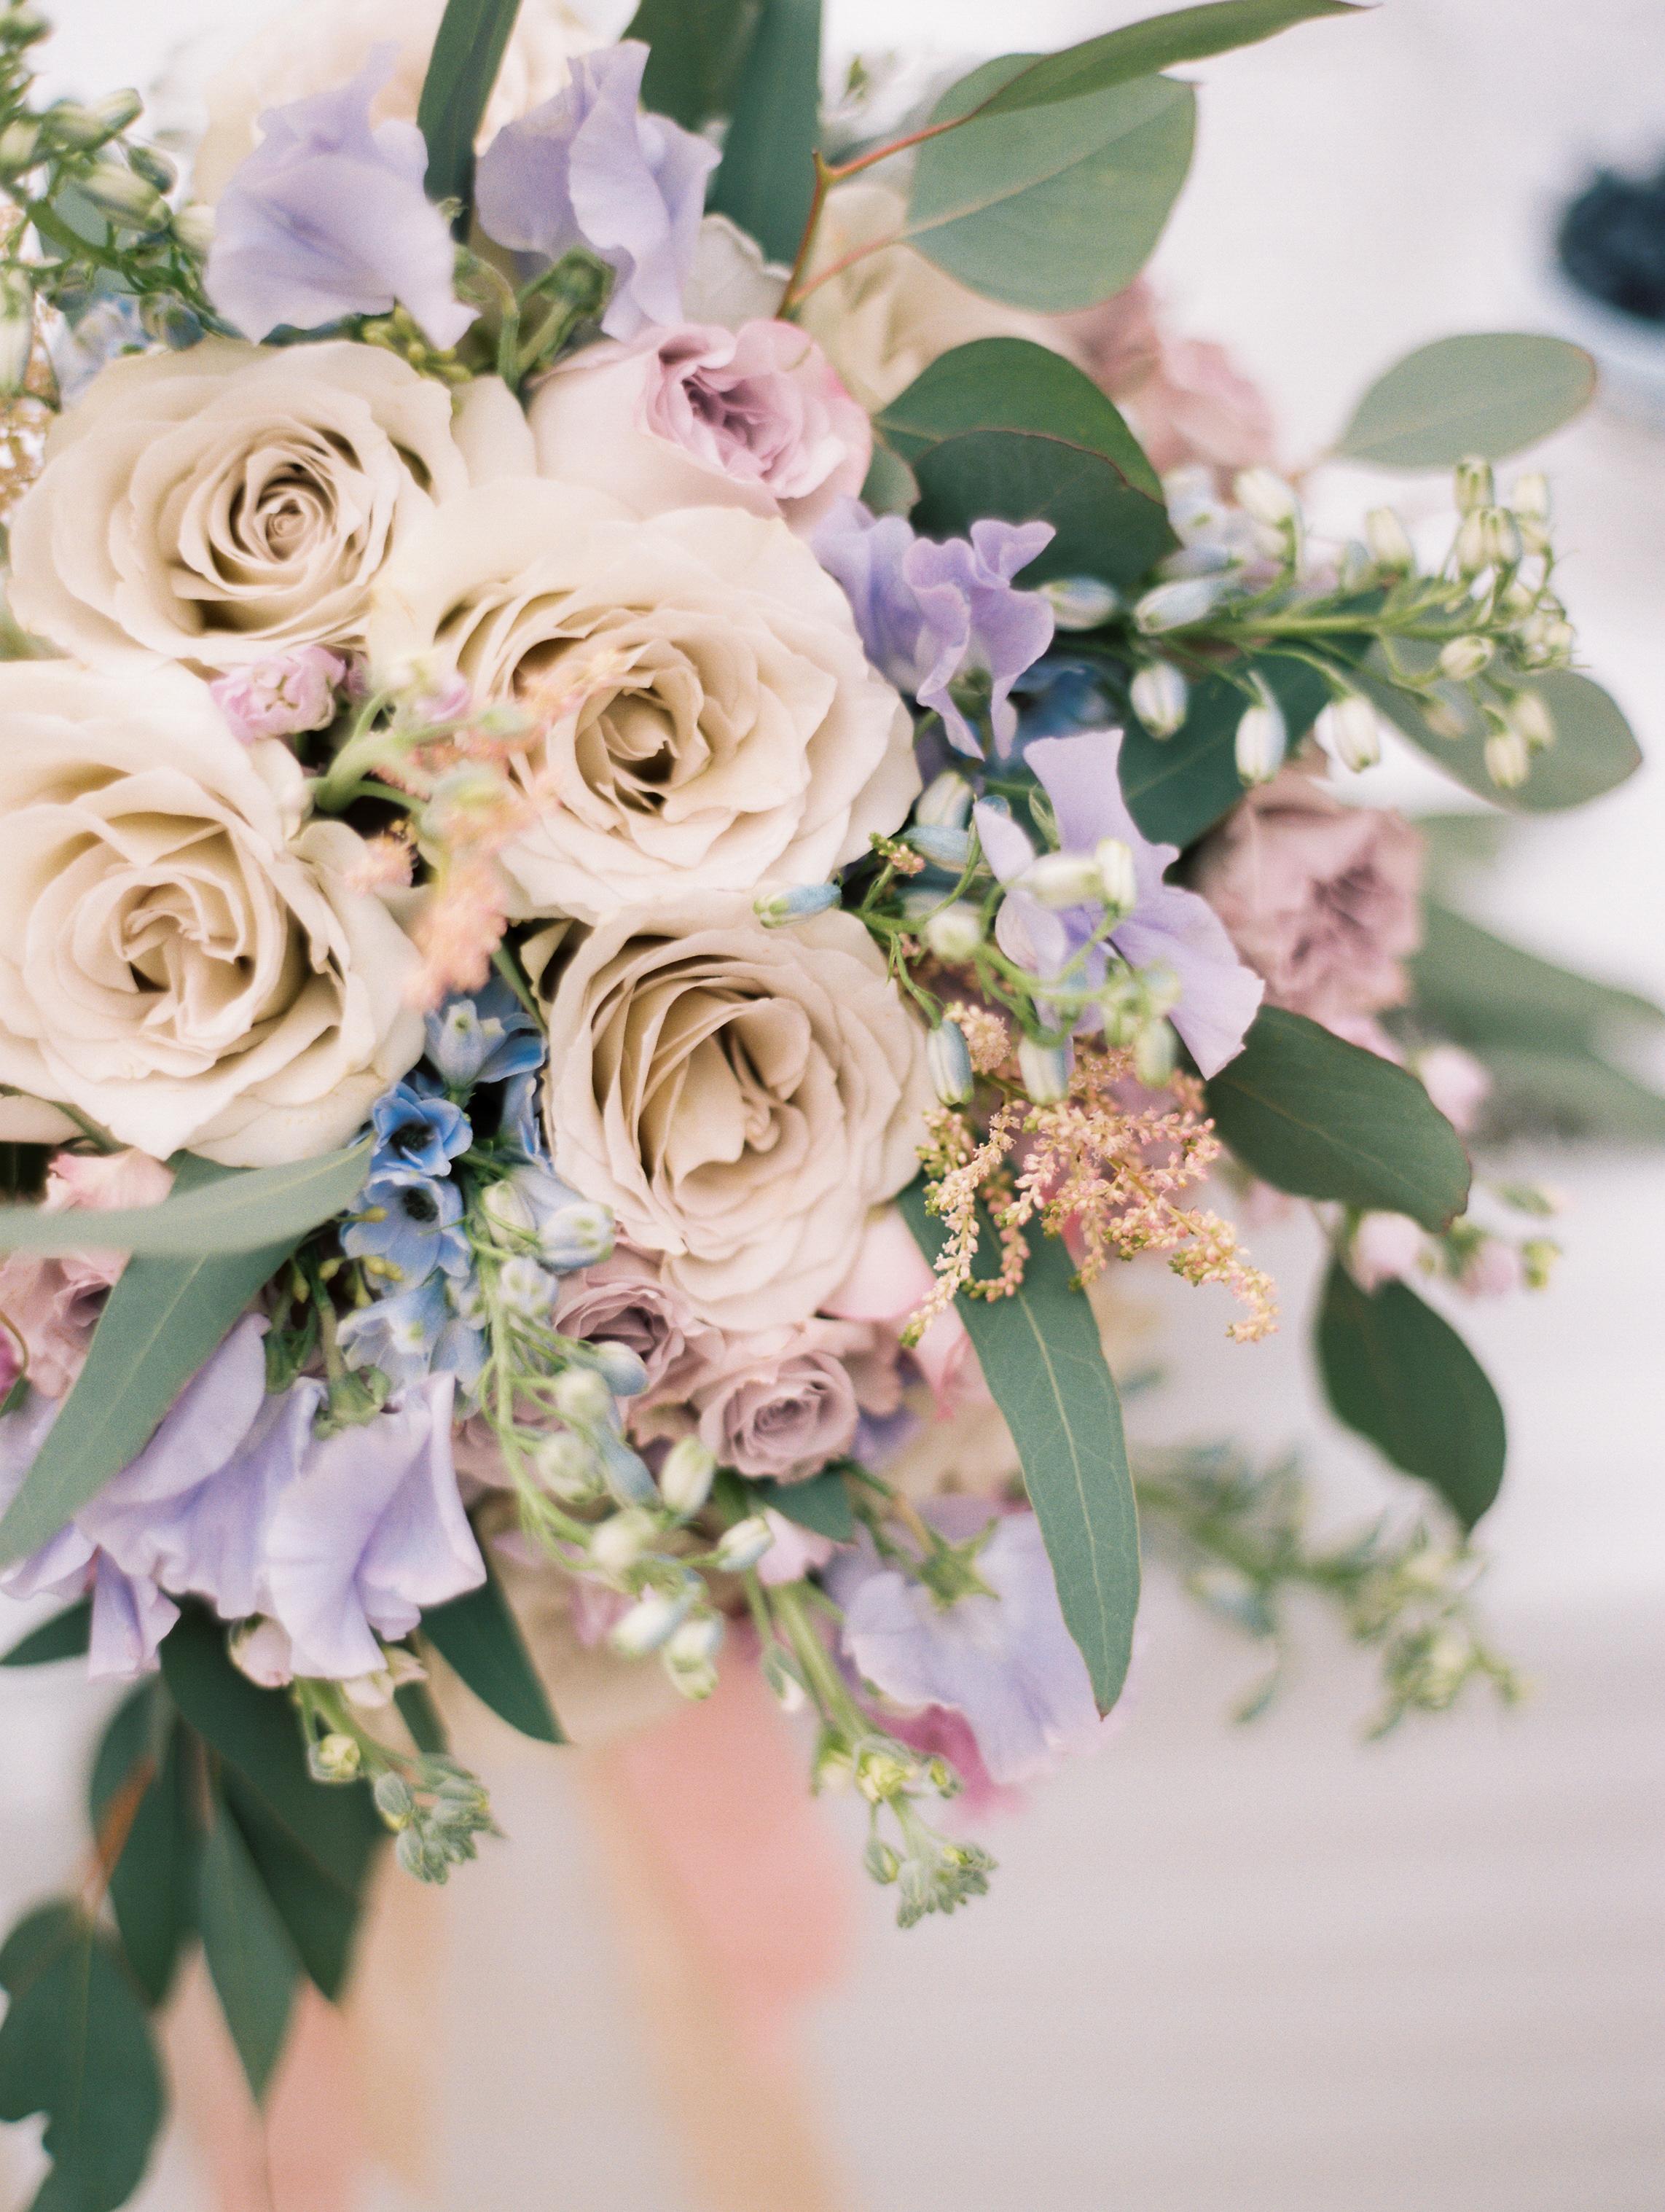 Kristin-La-Voie-Photography-Chicago-Wedding-Photographer-Cheney-Mansion-45.jpg